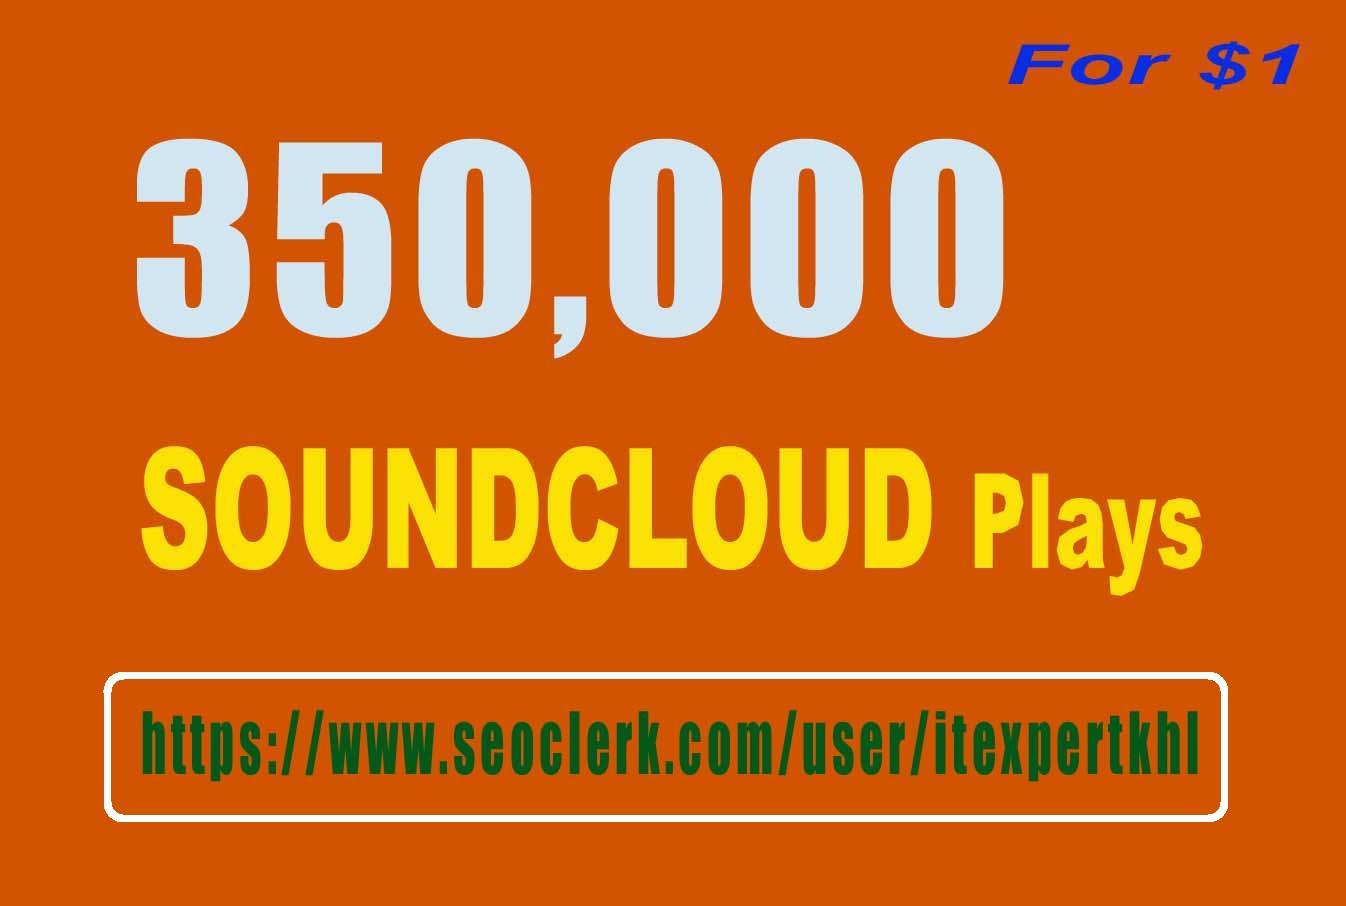 350k SUPER QUALITY SOUNDCLOUD PLAYS